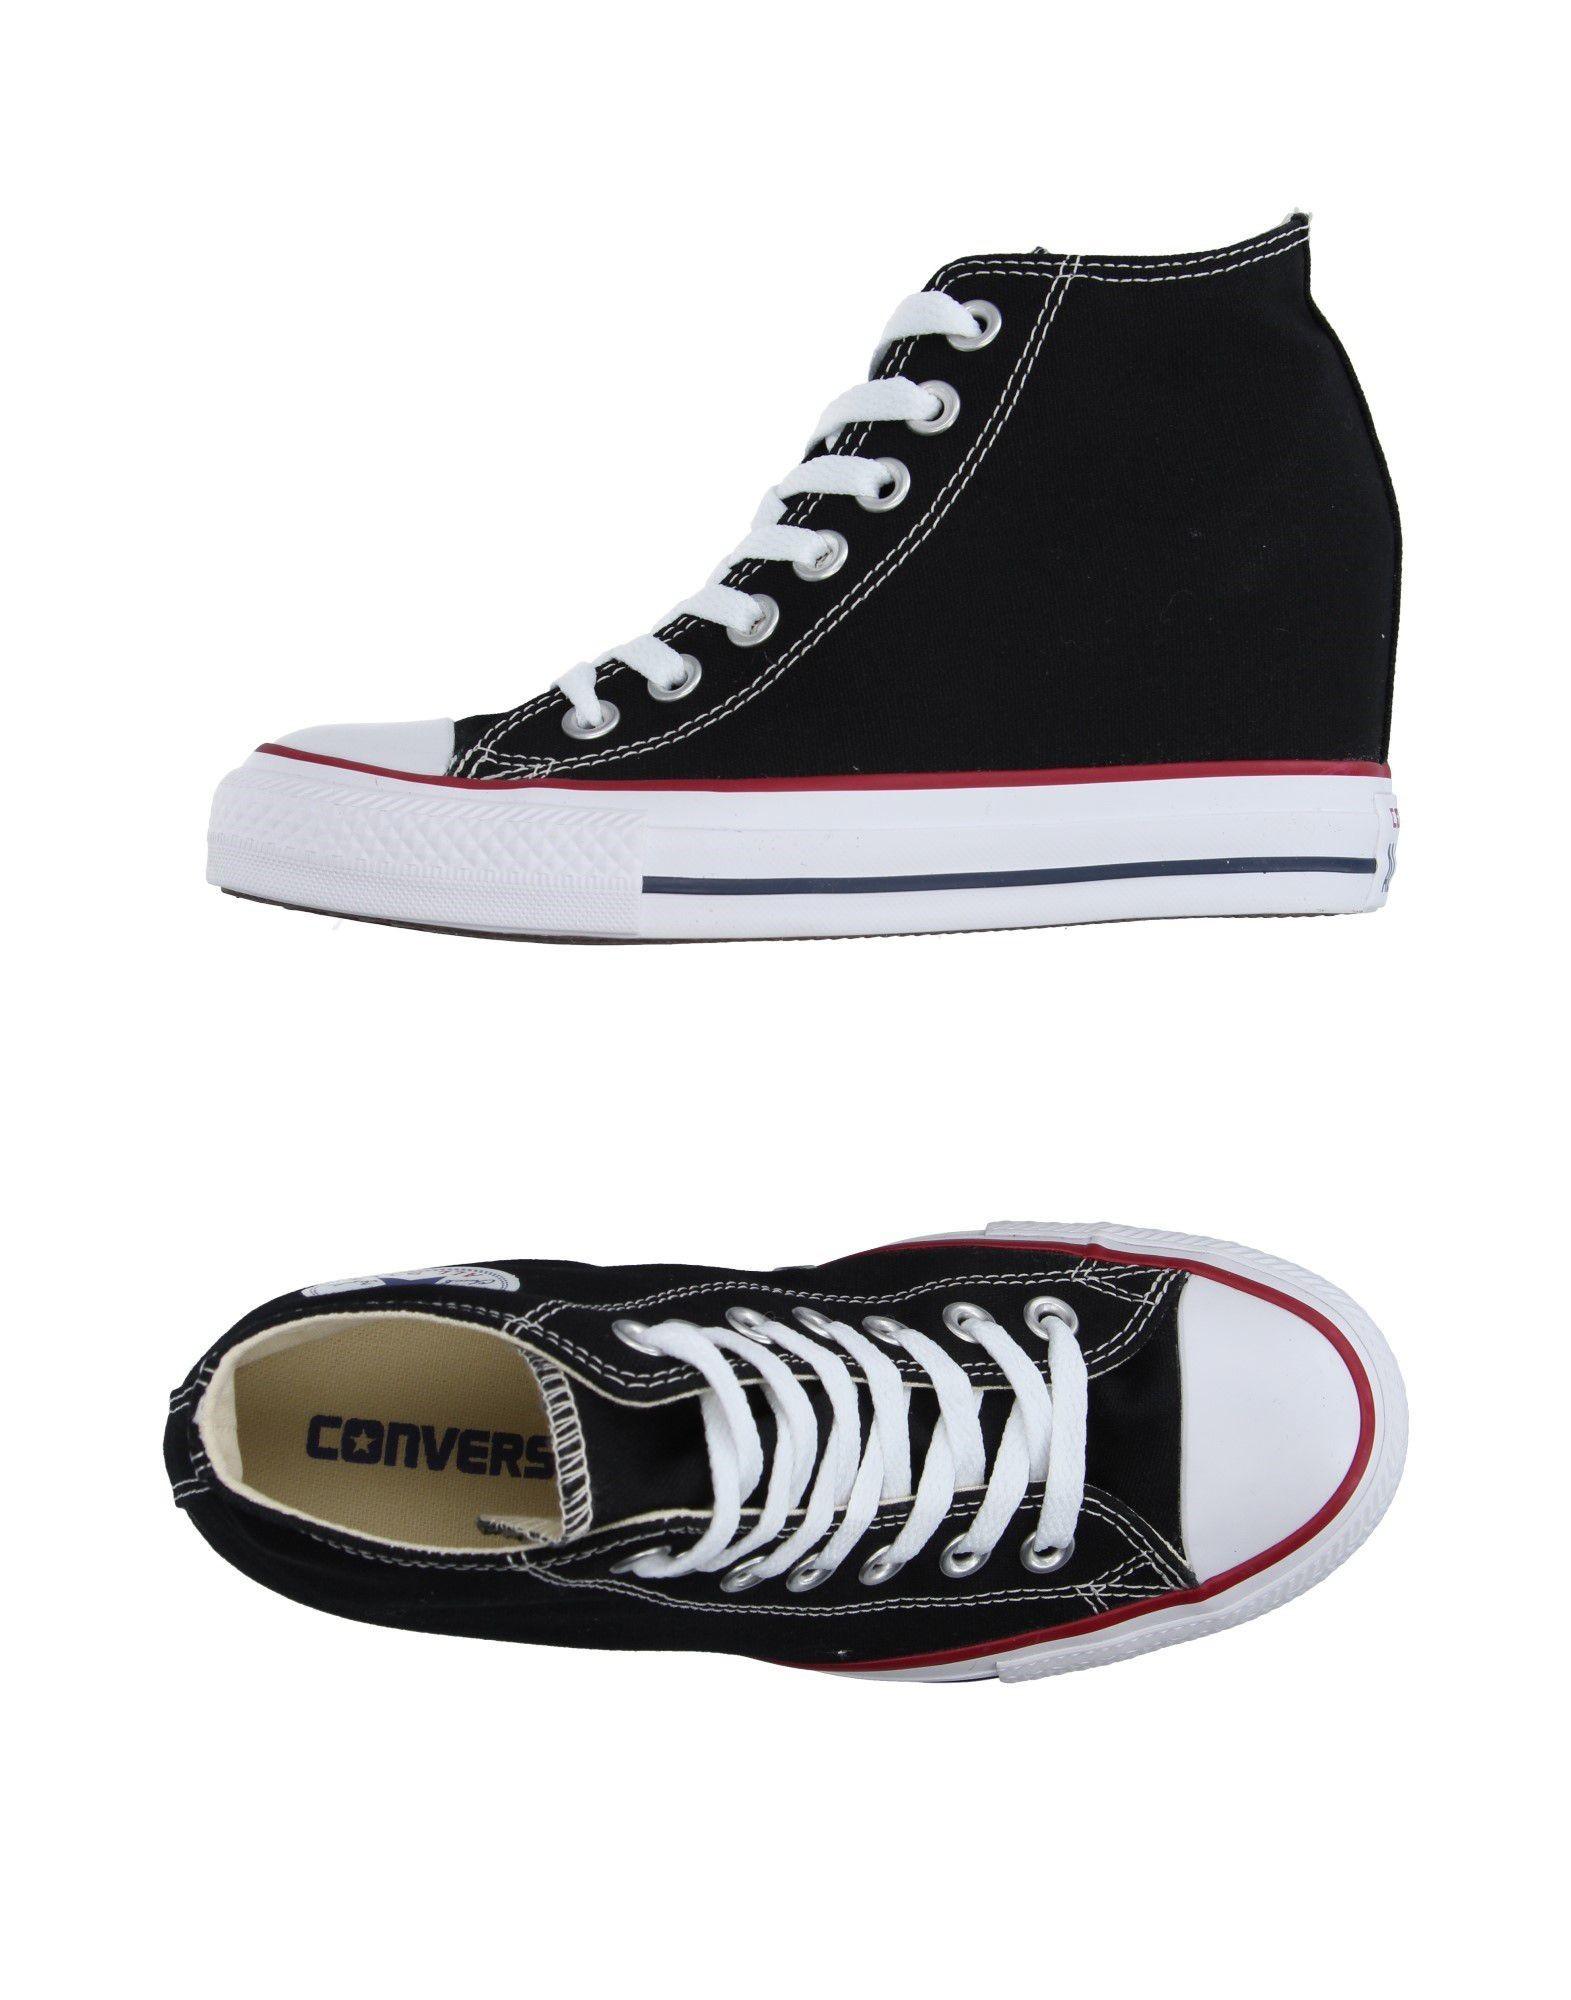 de9fdb593370 CONVERSE ALL STAR Sneakers Schwarz Damen Schuhe